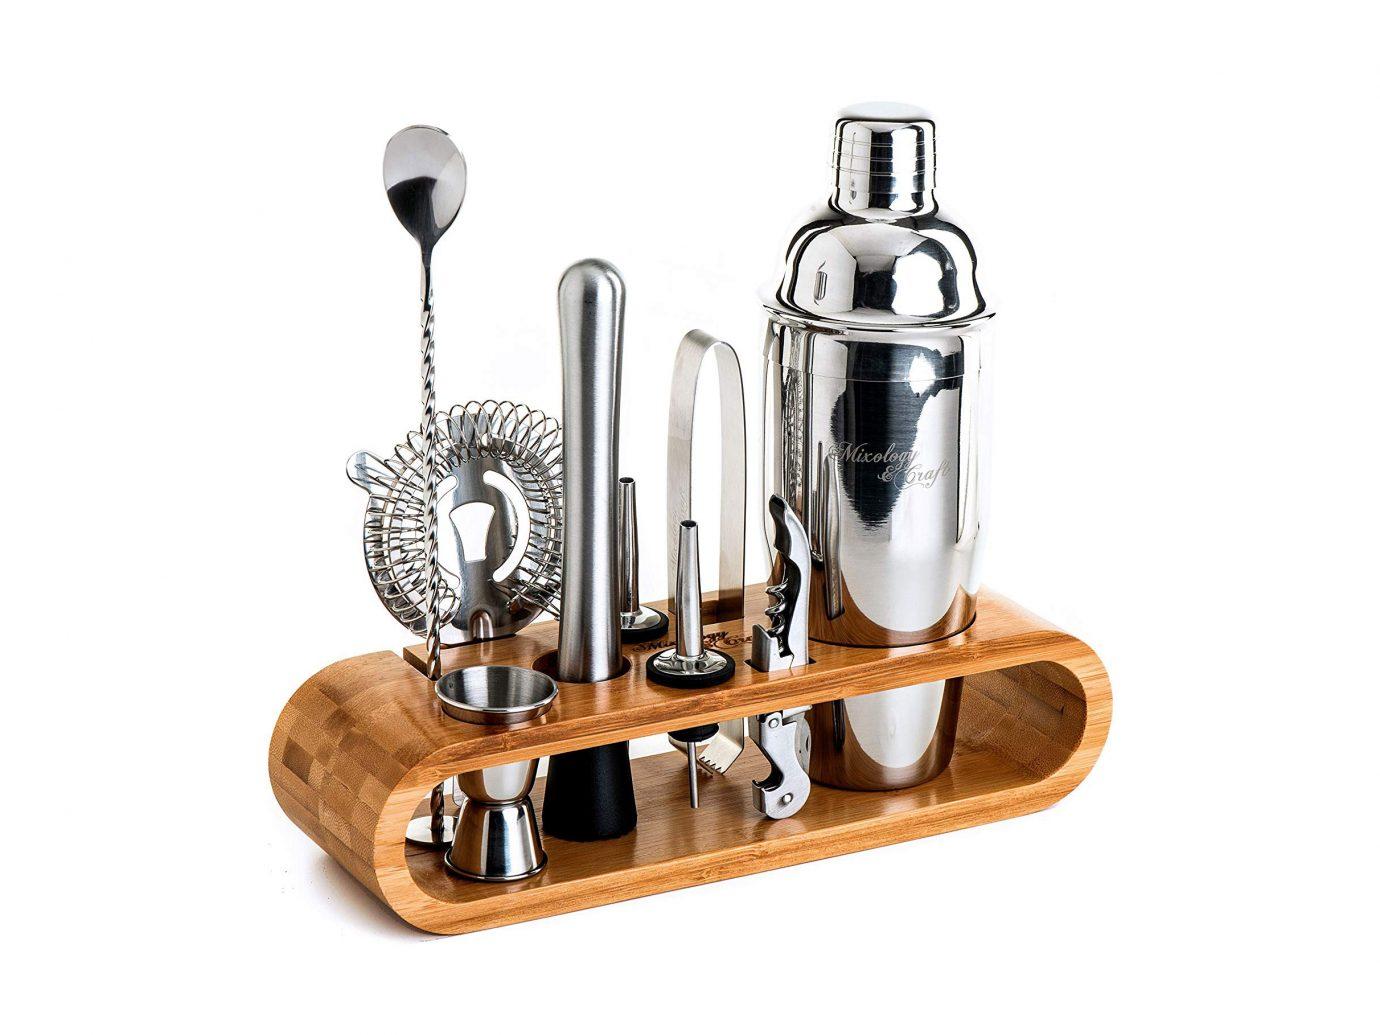 Mixology 10-Piece Bar Tool Set with Bamboo Stand